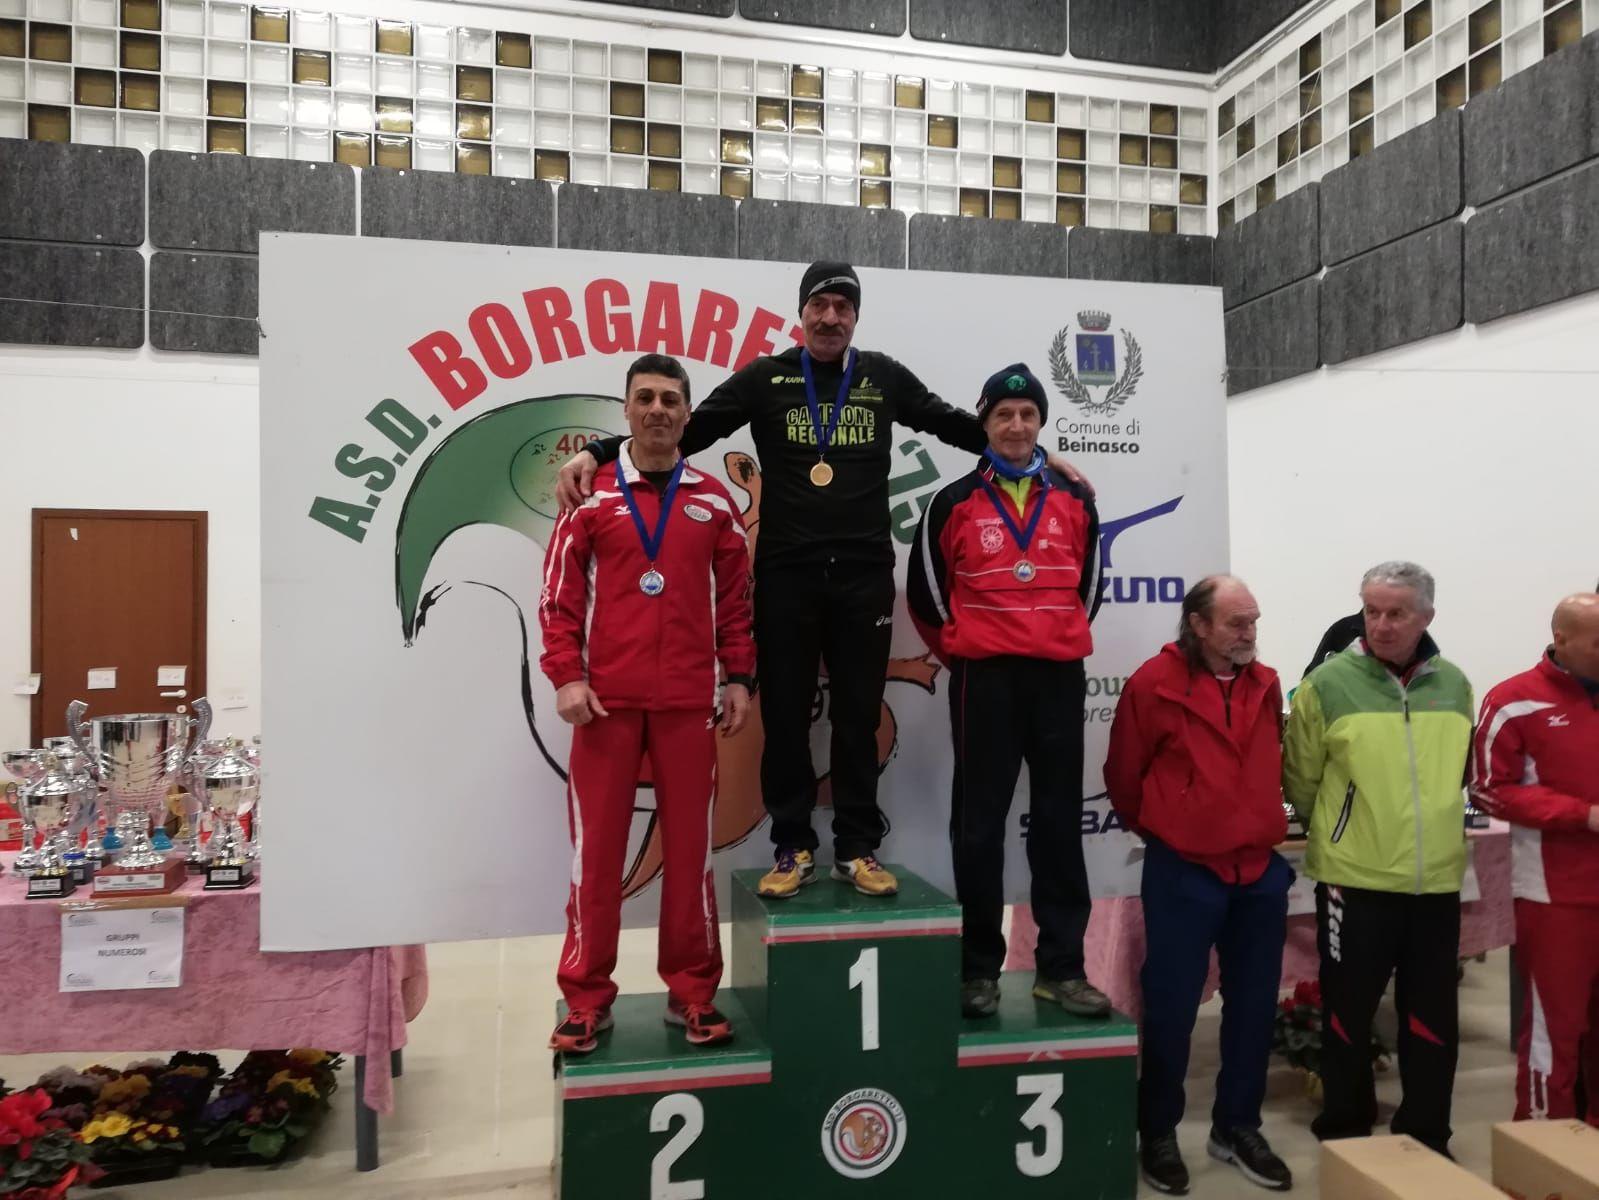 ATLETICA LEGGERA - Atletica Canavesana in grande spolvero al Cross di Borgaretto